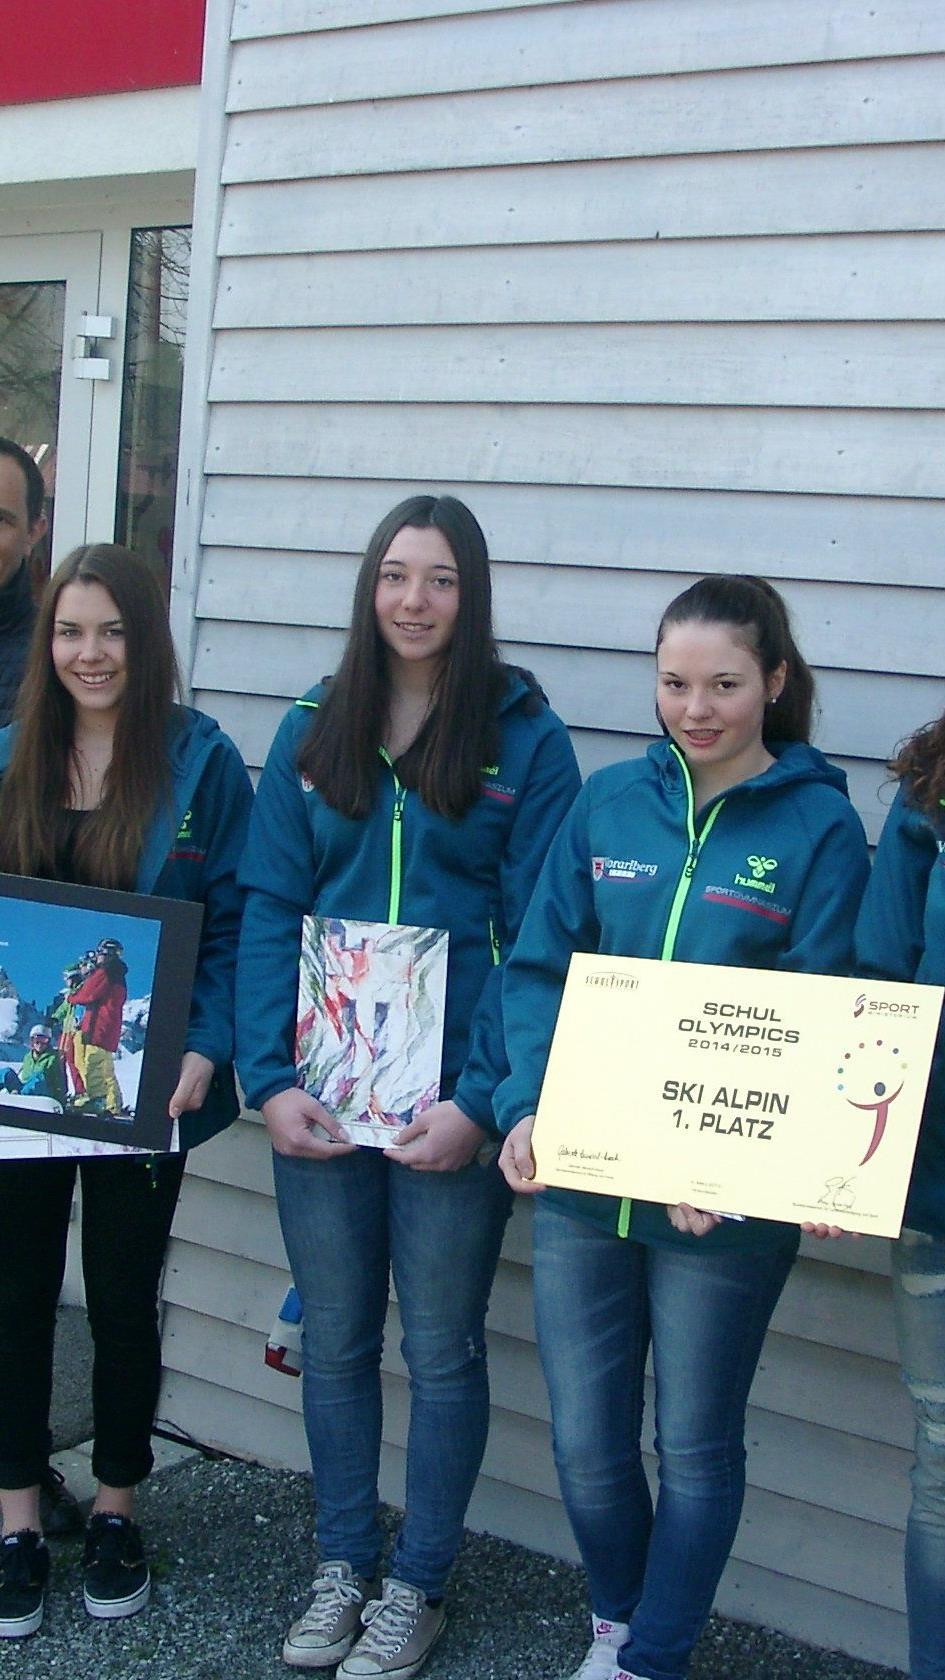 Conny Berchtold und Hannes Jochum gratulierten den fünf Schülerinnen zur Goldmedaille.